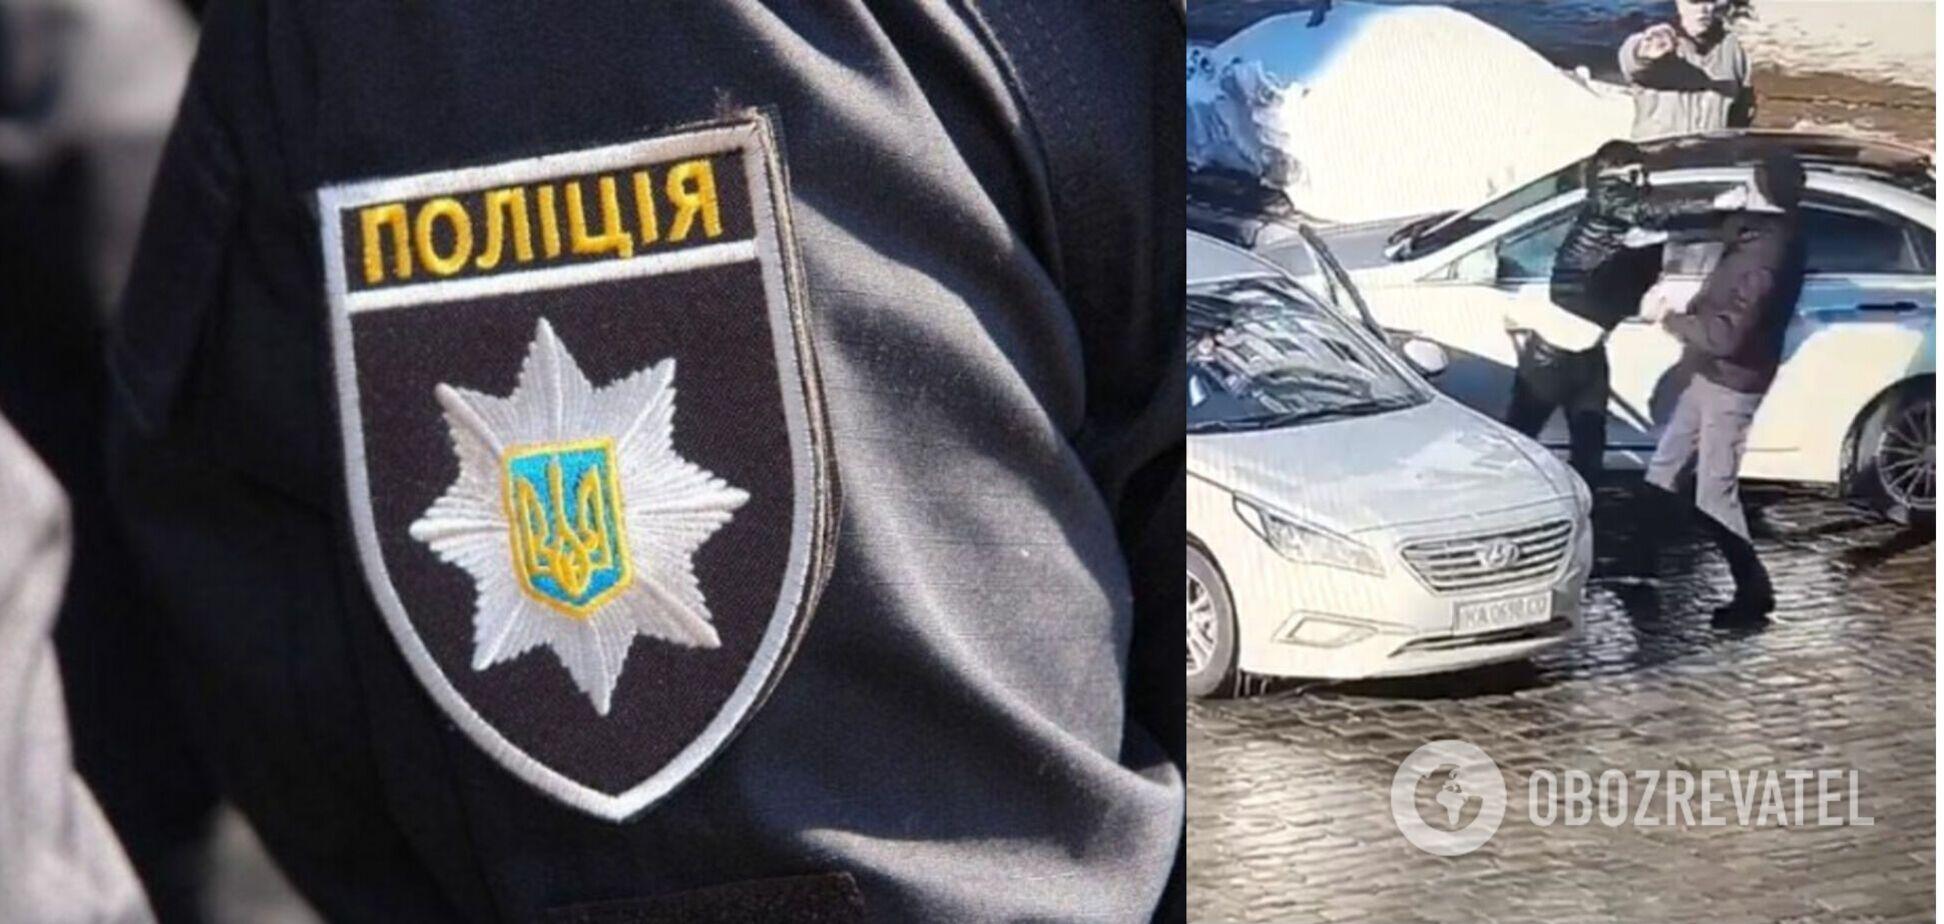 Стало відомо, кого в центрі Києва вбив двома ударами таксист